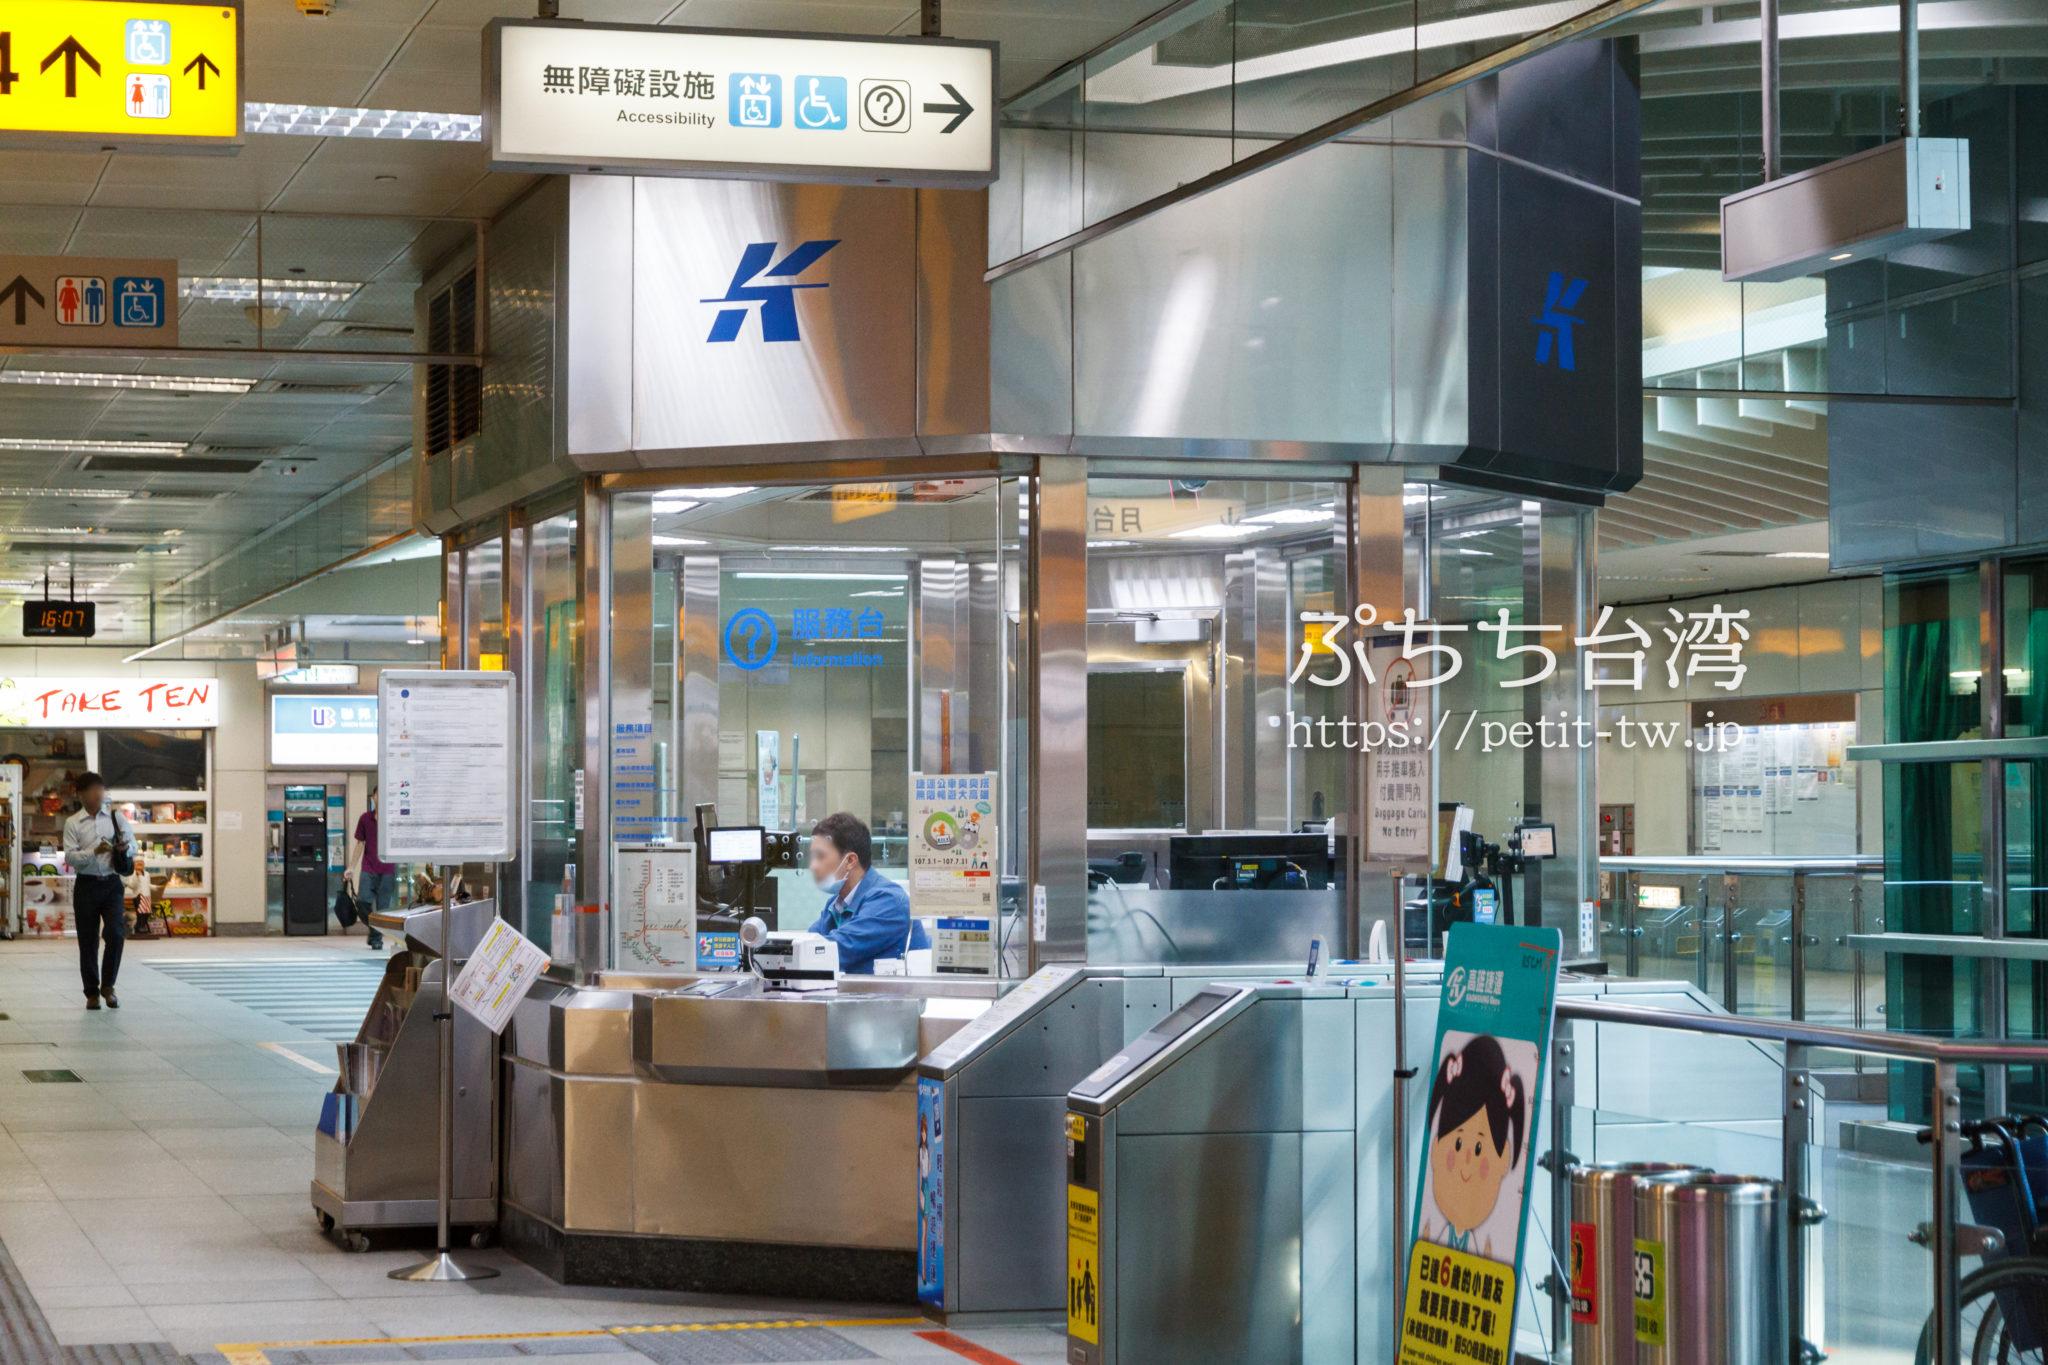 高雄空港駅インフォメーションカウンター